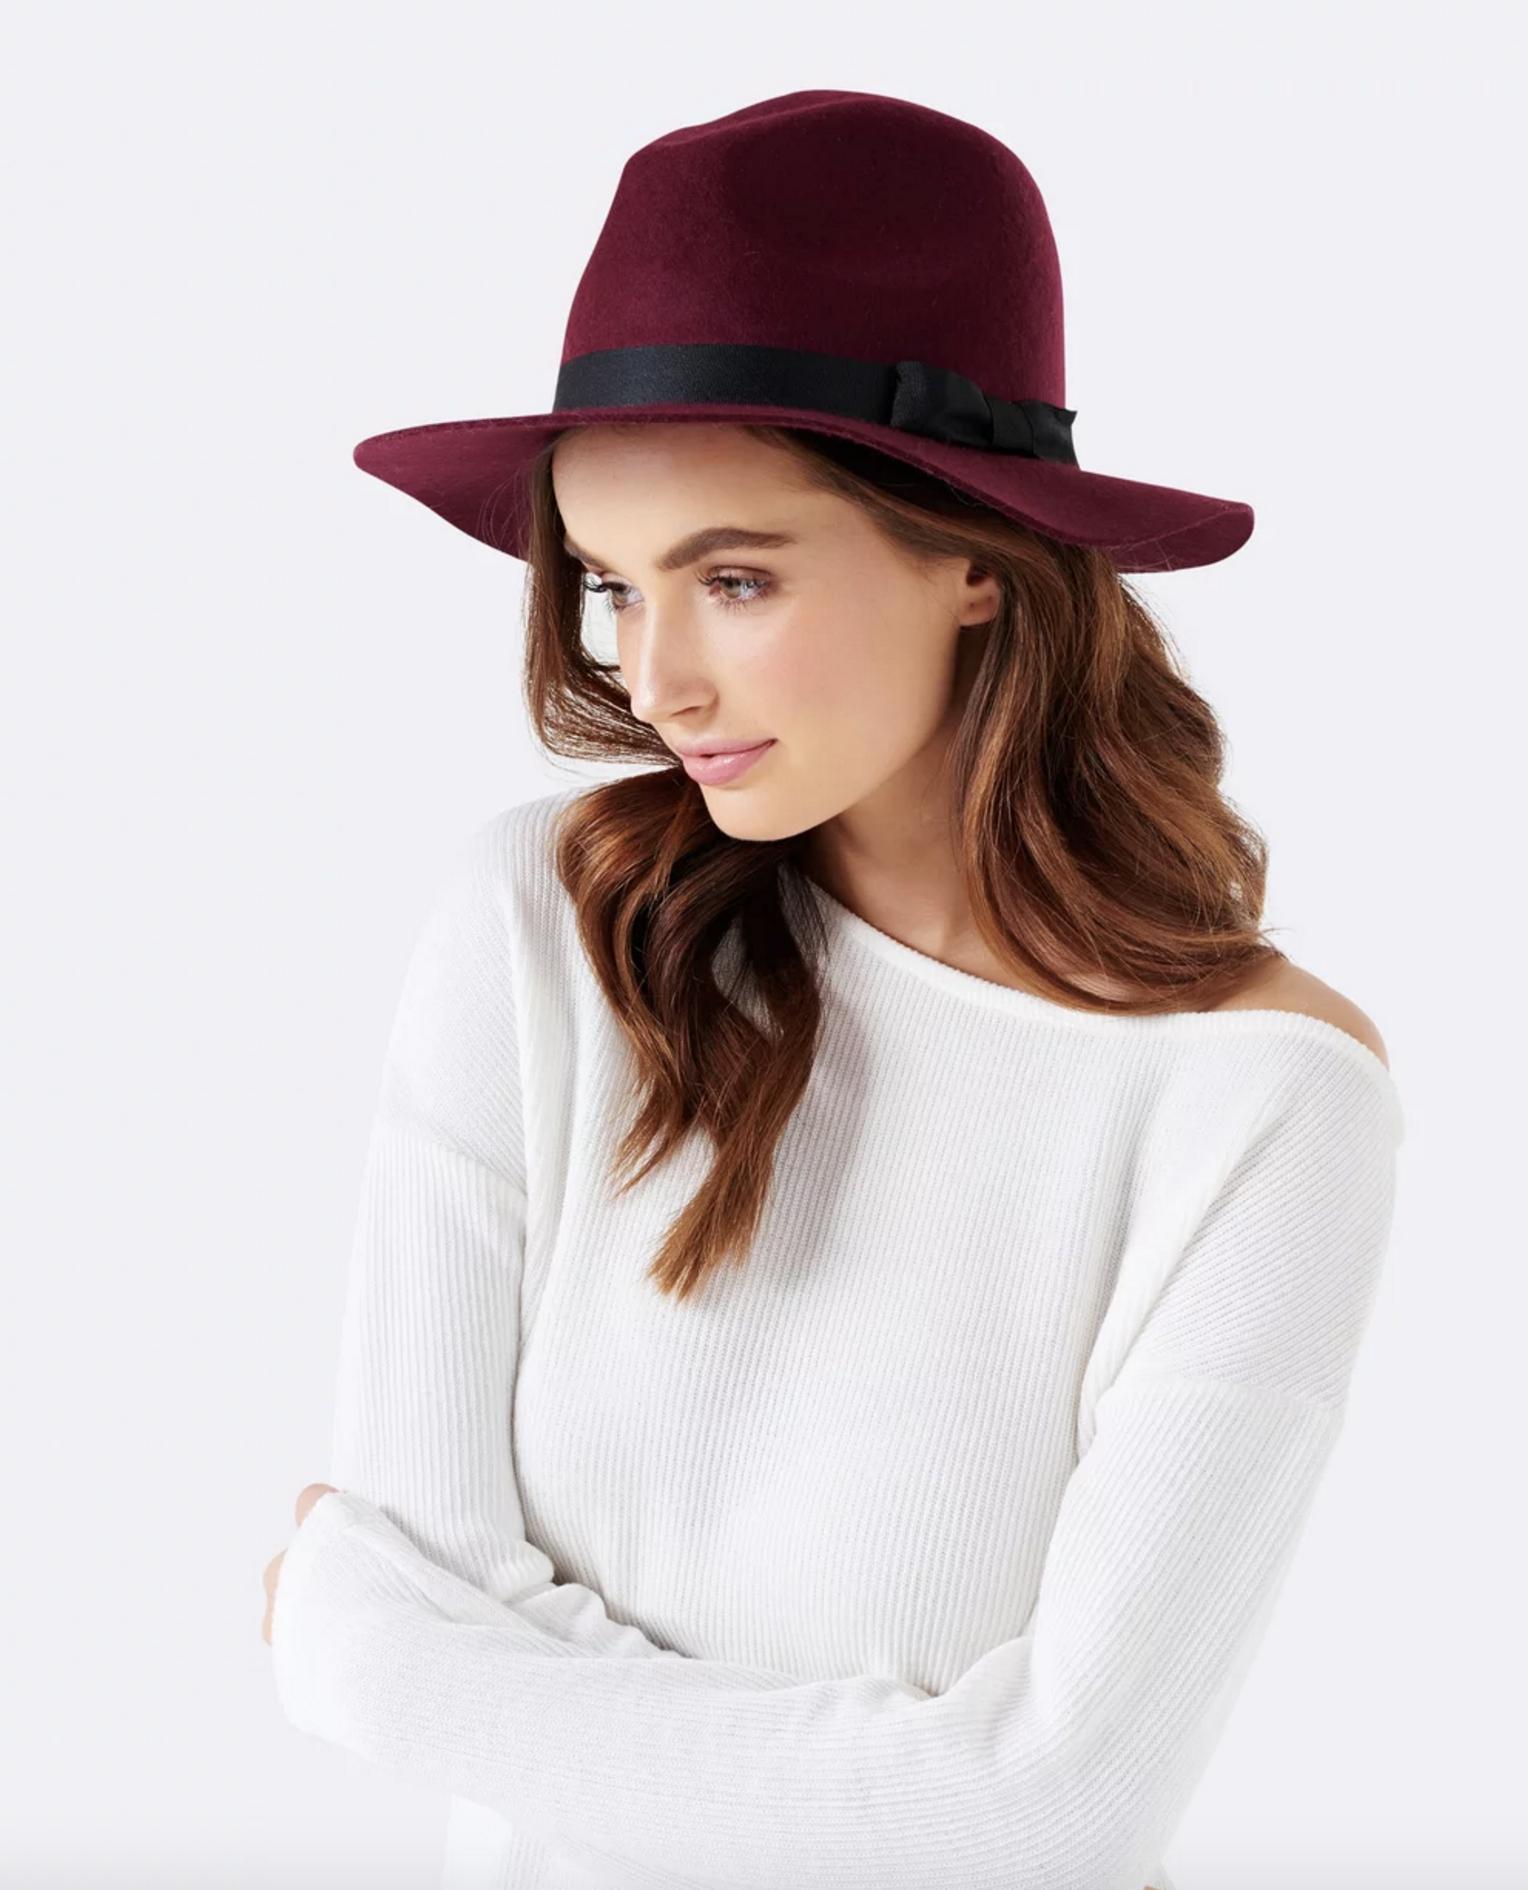 Forever New ruby fedora felt hat $44.99